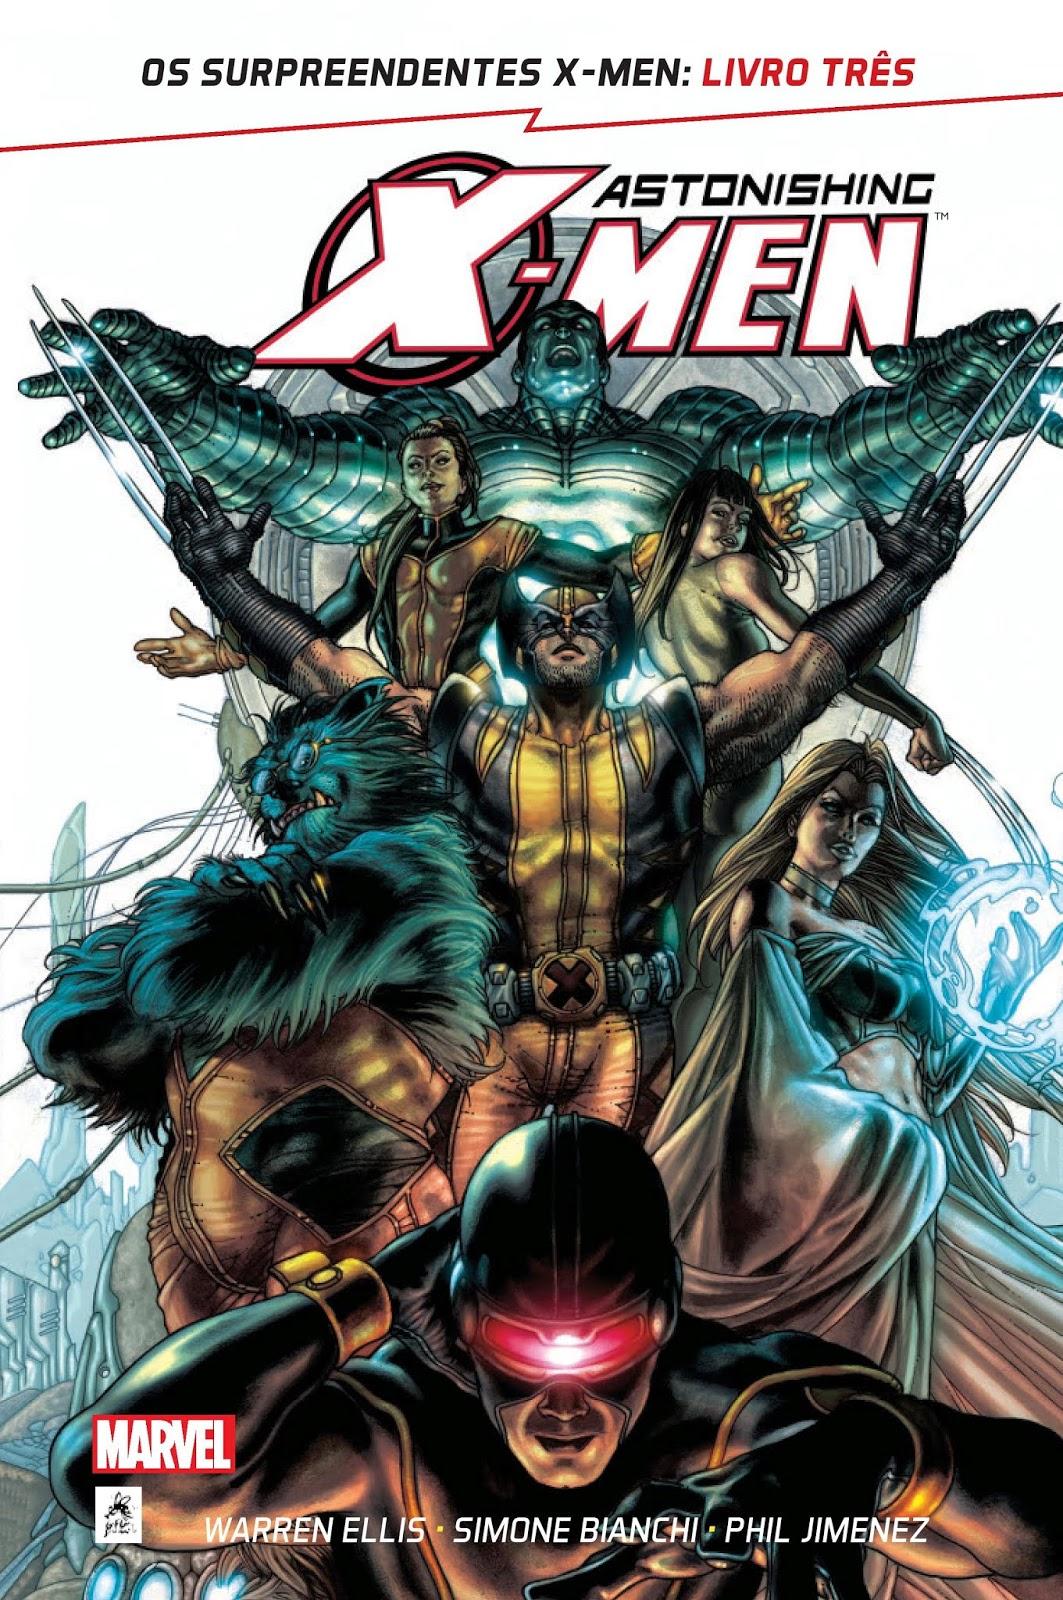 OS SURPREENDENTES X-MEN: LIVRO TRÊS